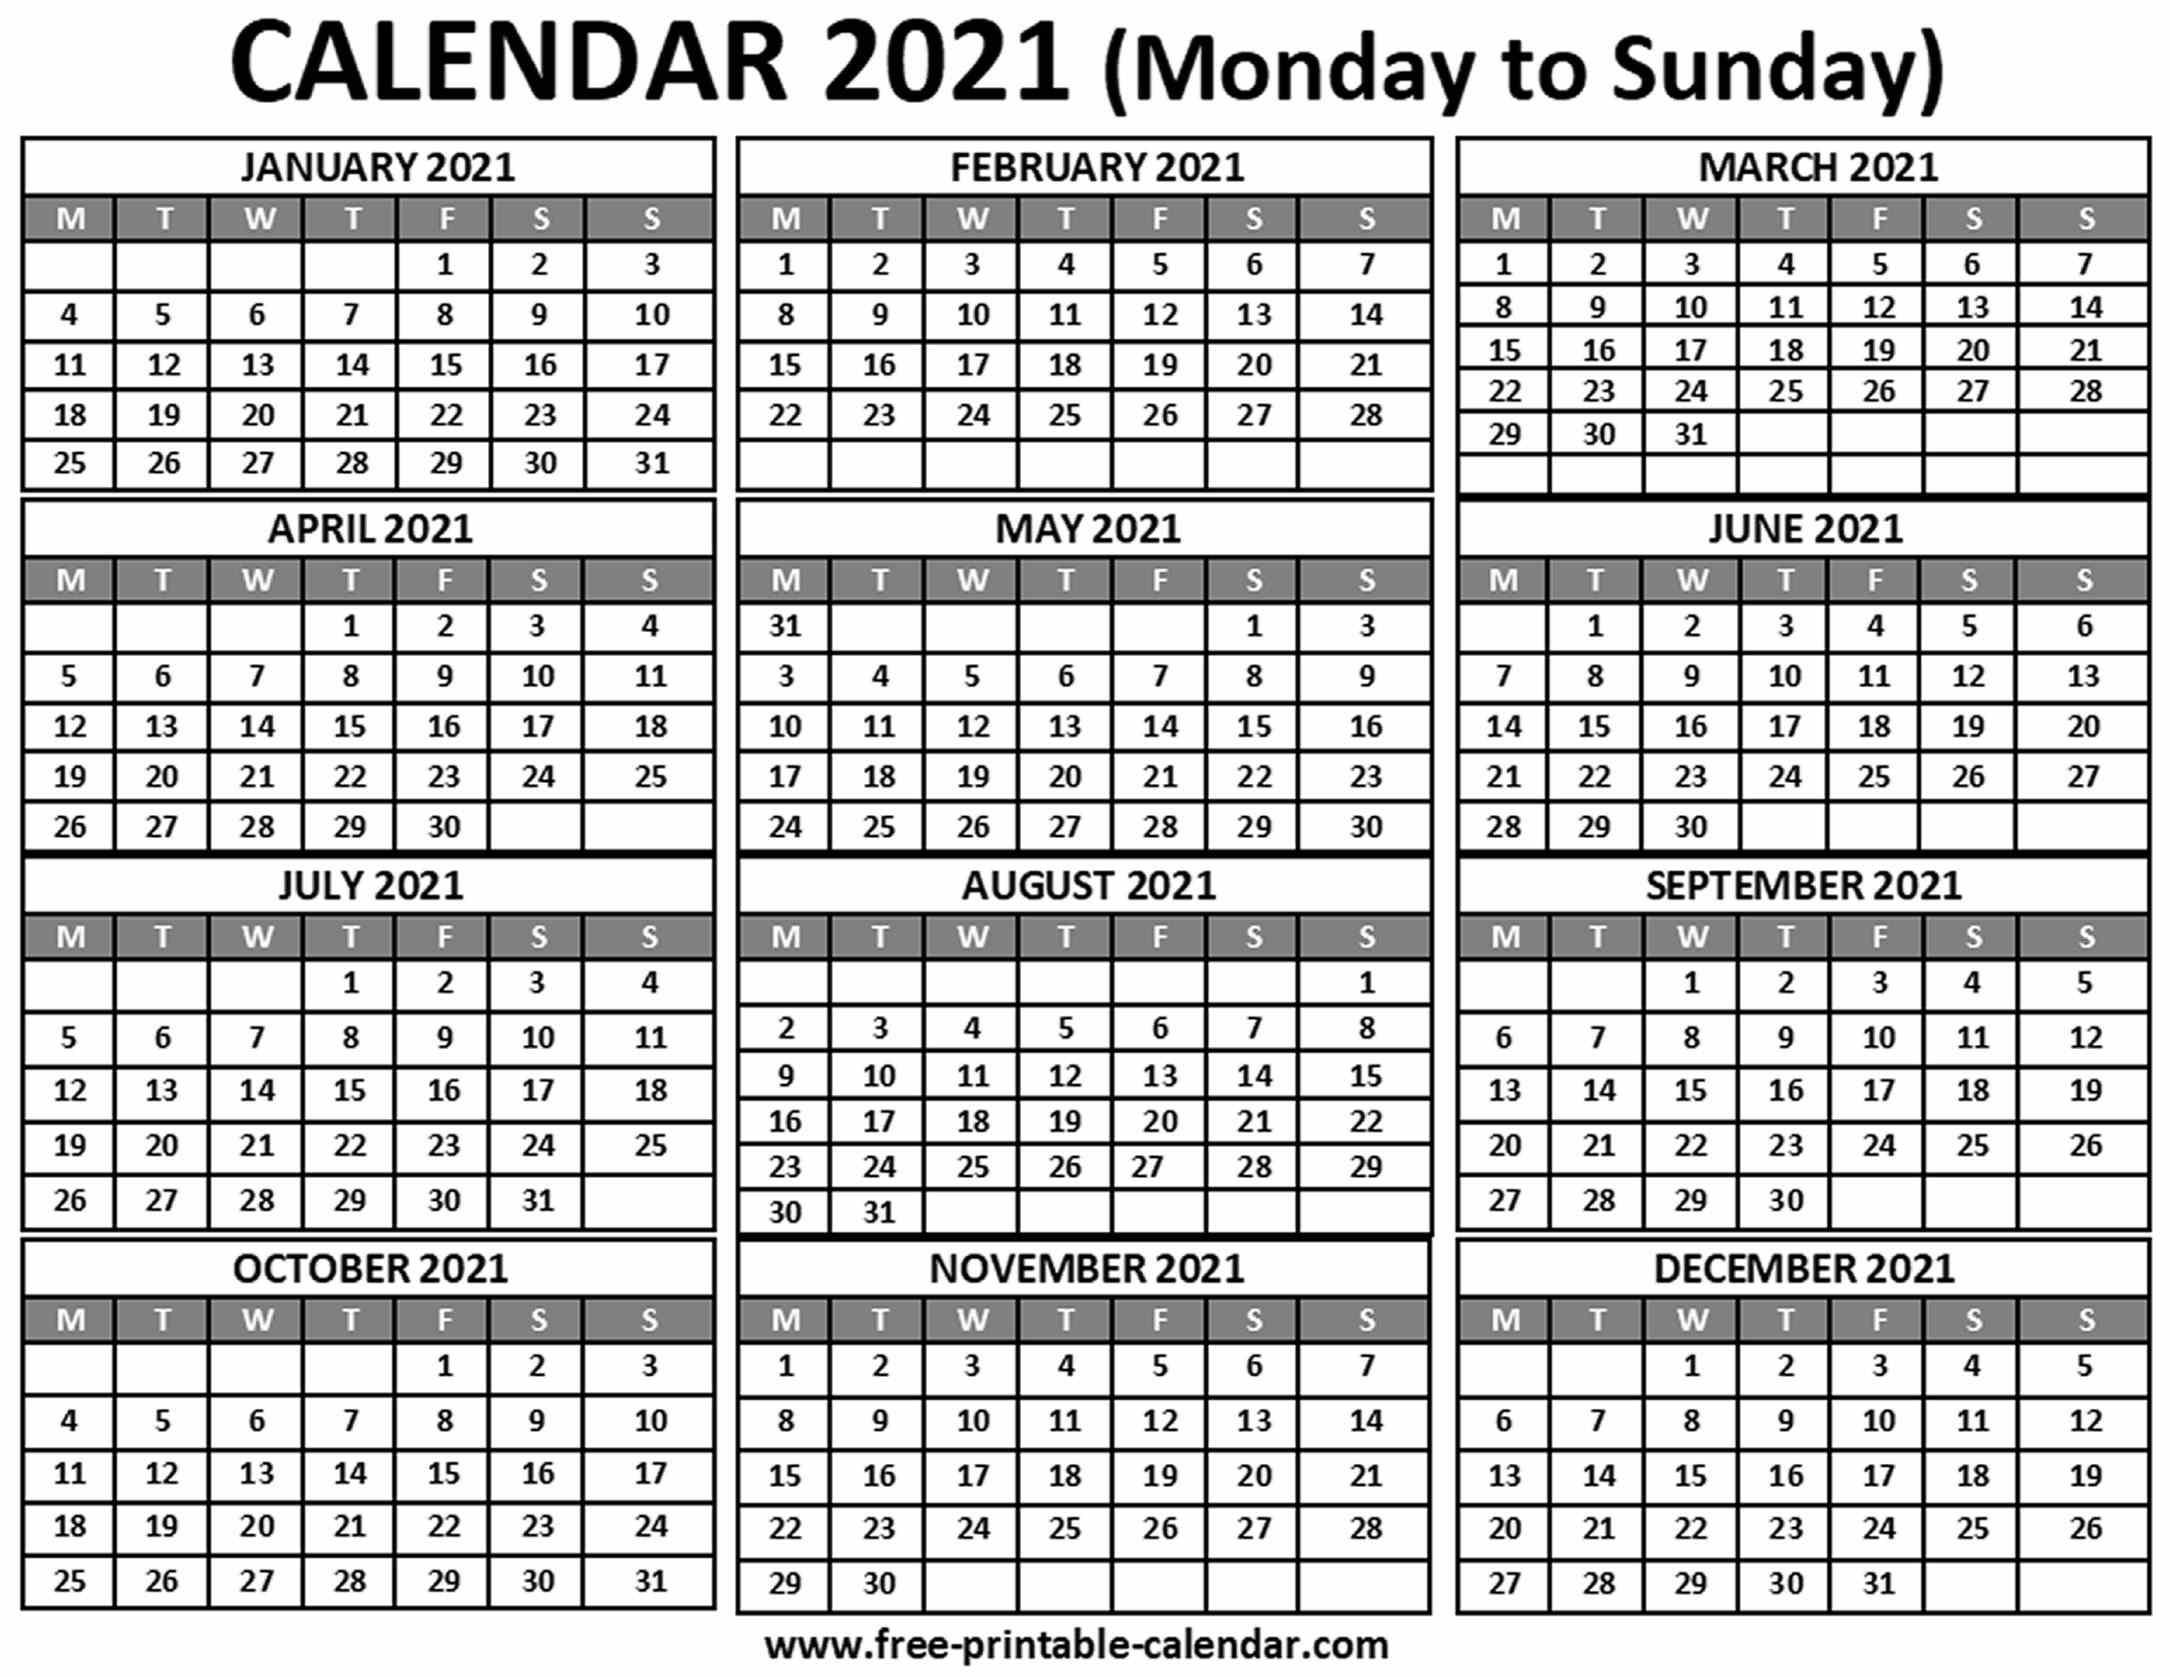 2021 Calendar - Free-Printable-Calendar throughout Pocket Calendar Printable 2021